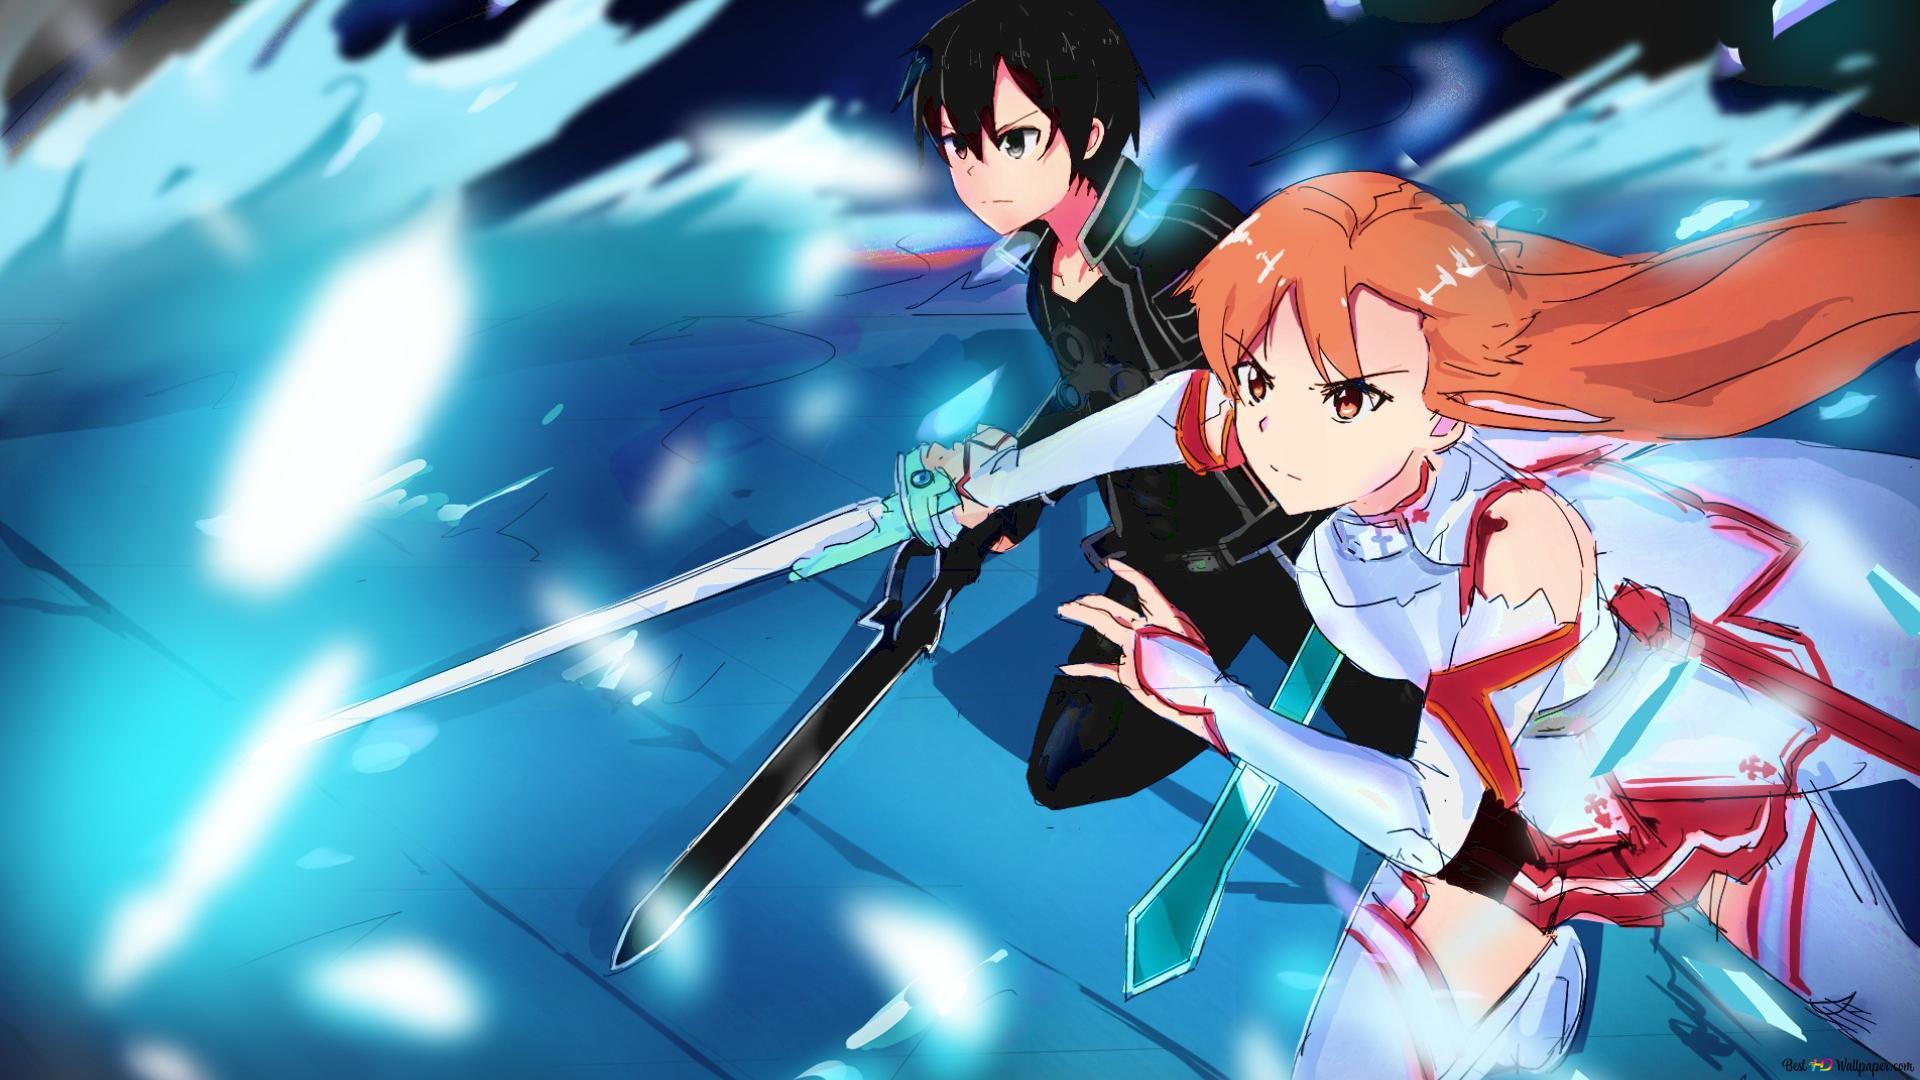 Sword Art Online Kirito Asuna Hd Wallpaper Download